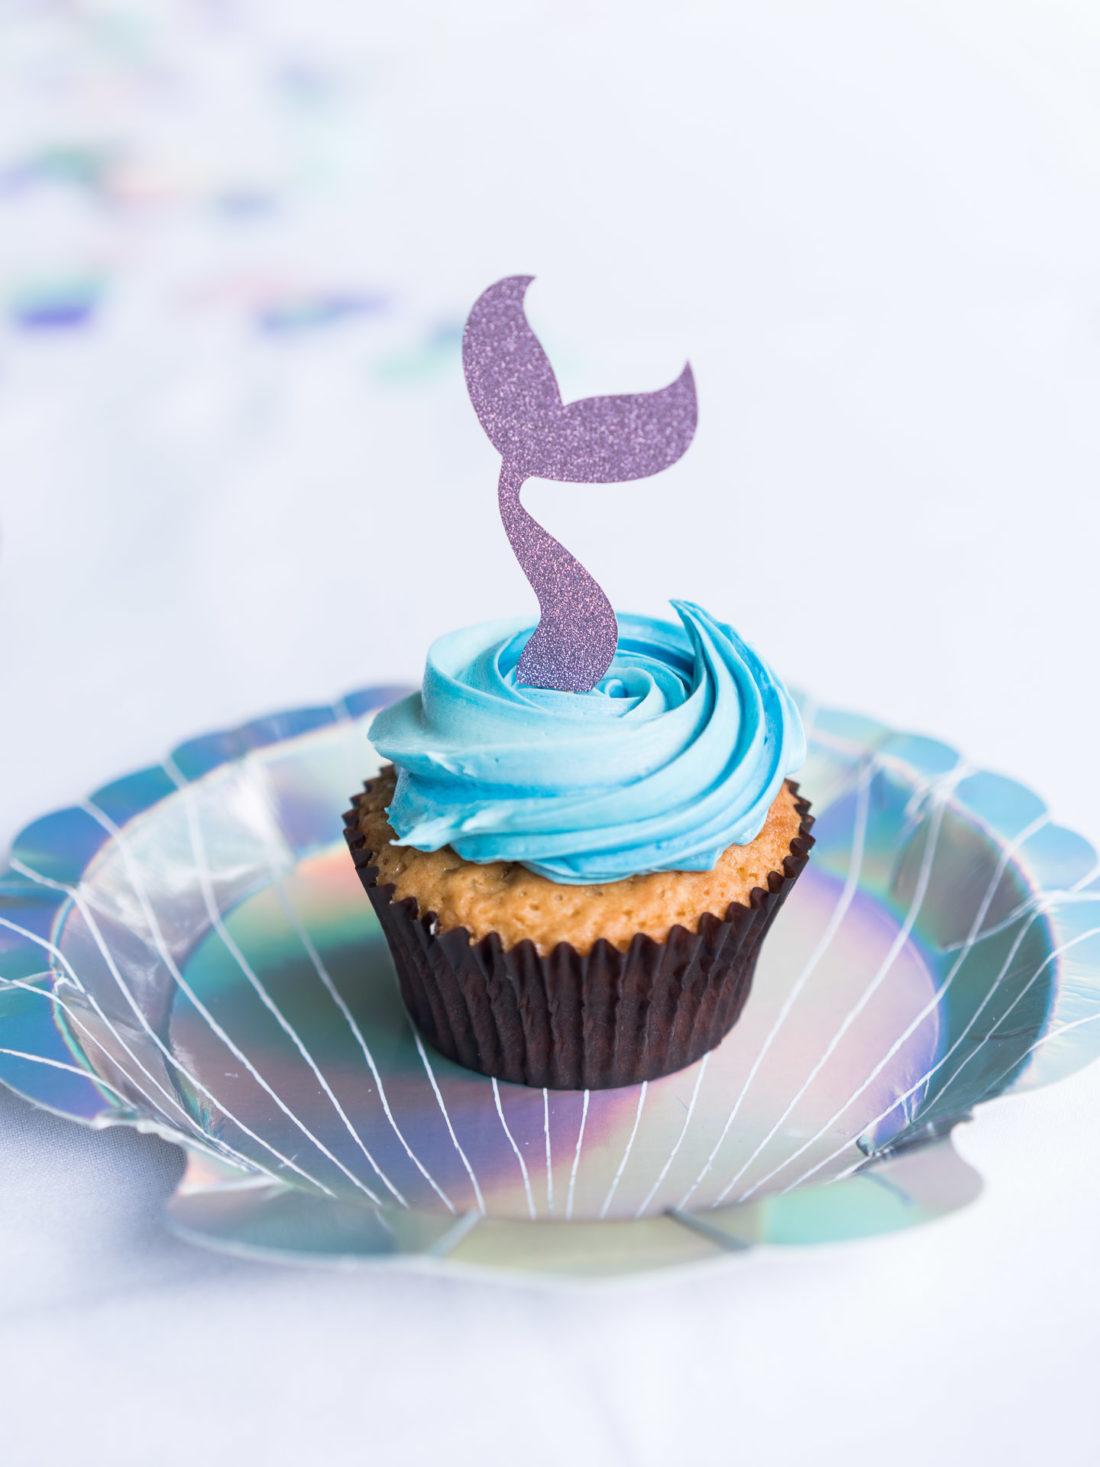 A mermaid themed cupcake at Marlowe Martino's third birthday party